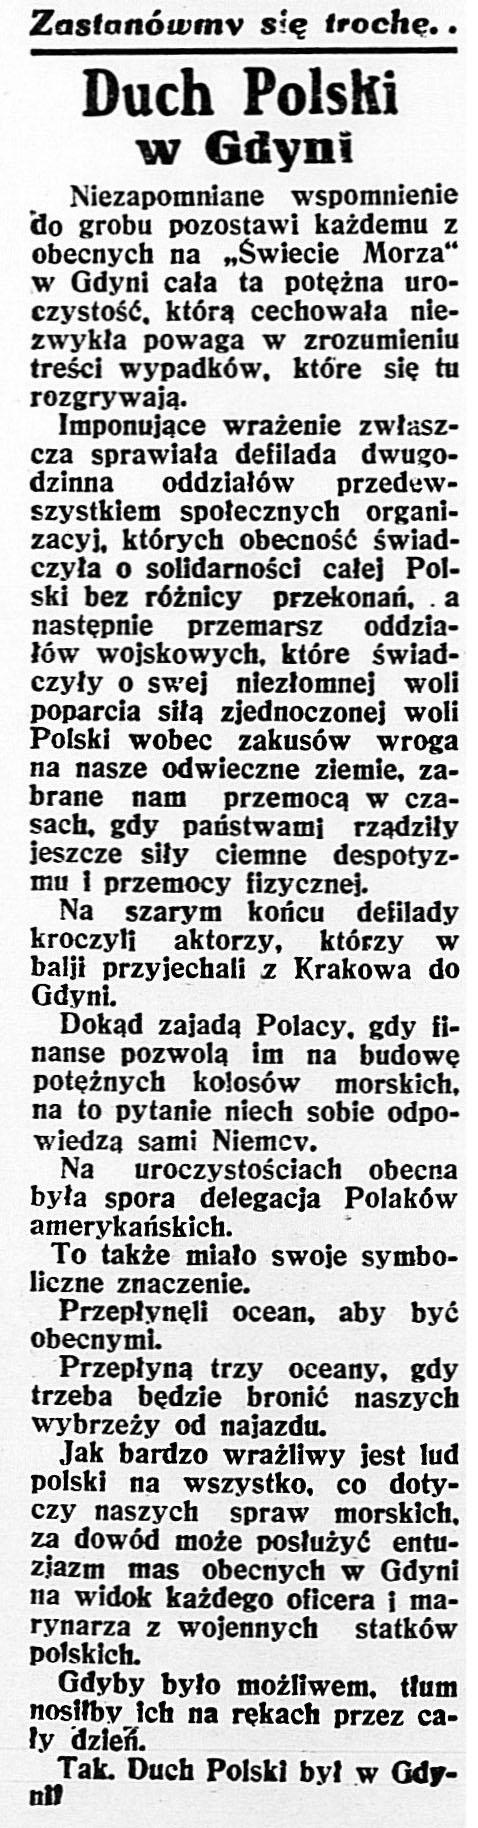 Duch Polski w Gdyni // Dzień Dobry. - 1932, nr 21, s. 2